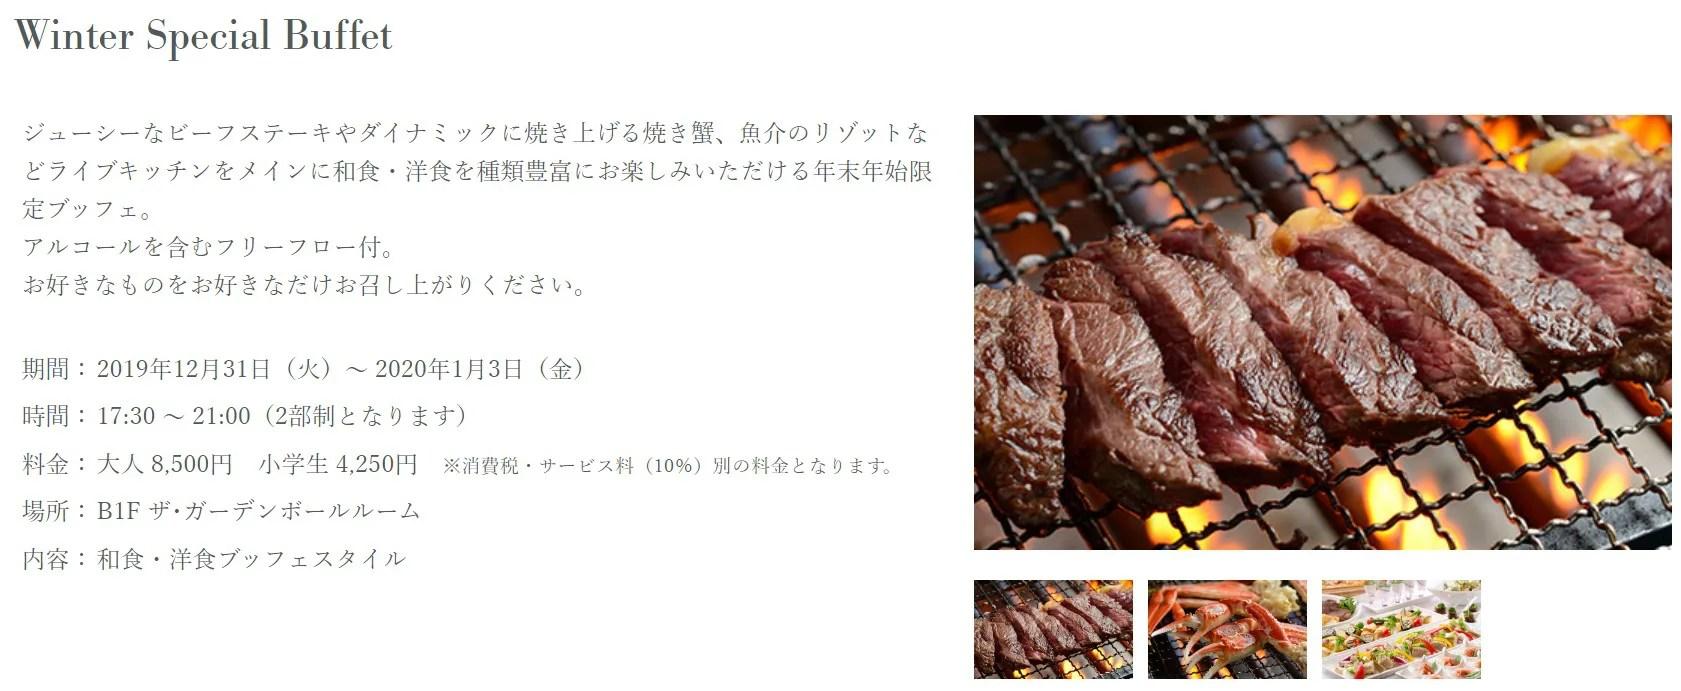 琵琶湖マリオットホテルニューイヤーインターナショナルブッフェのフード・ドリンク紹介